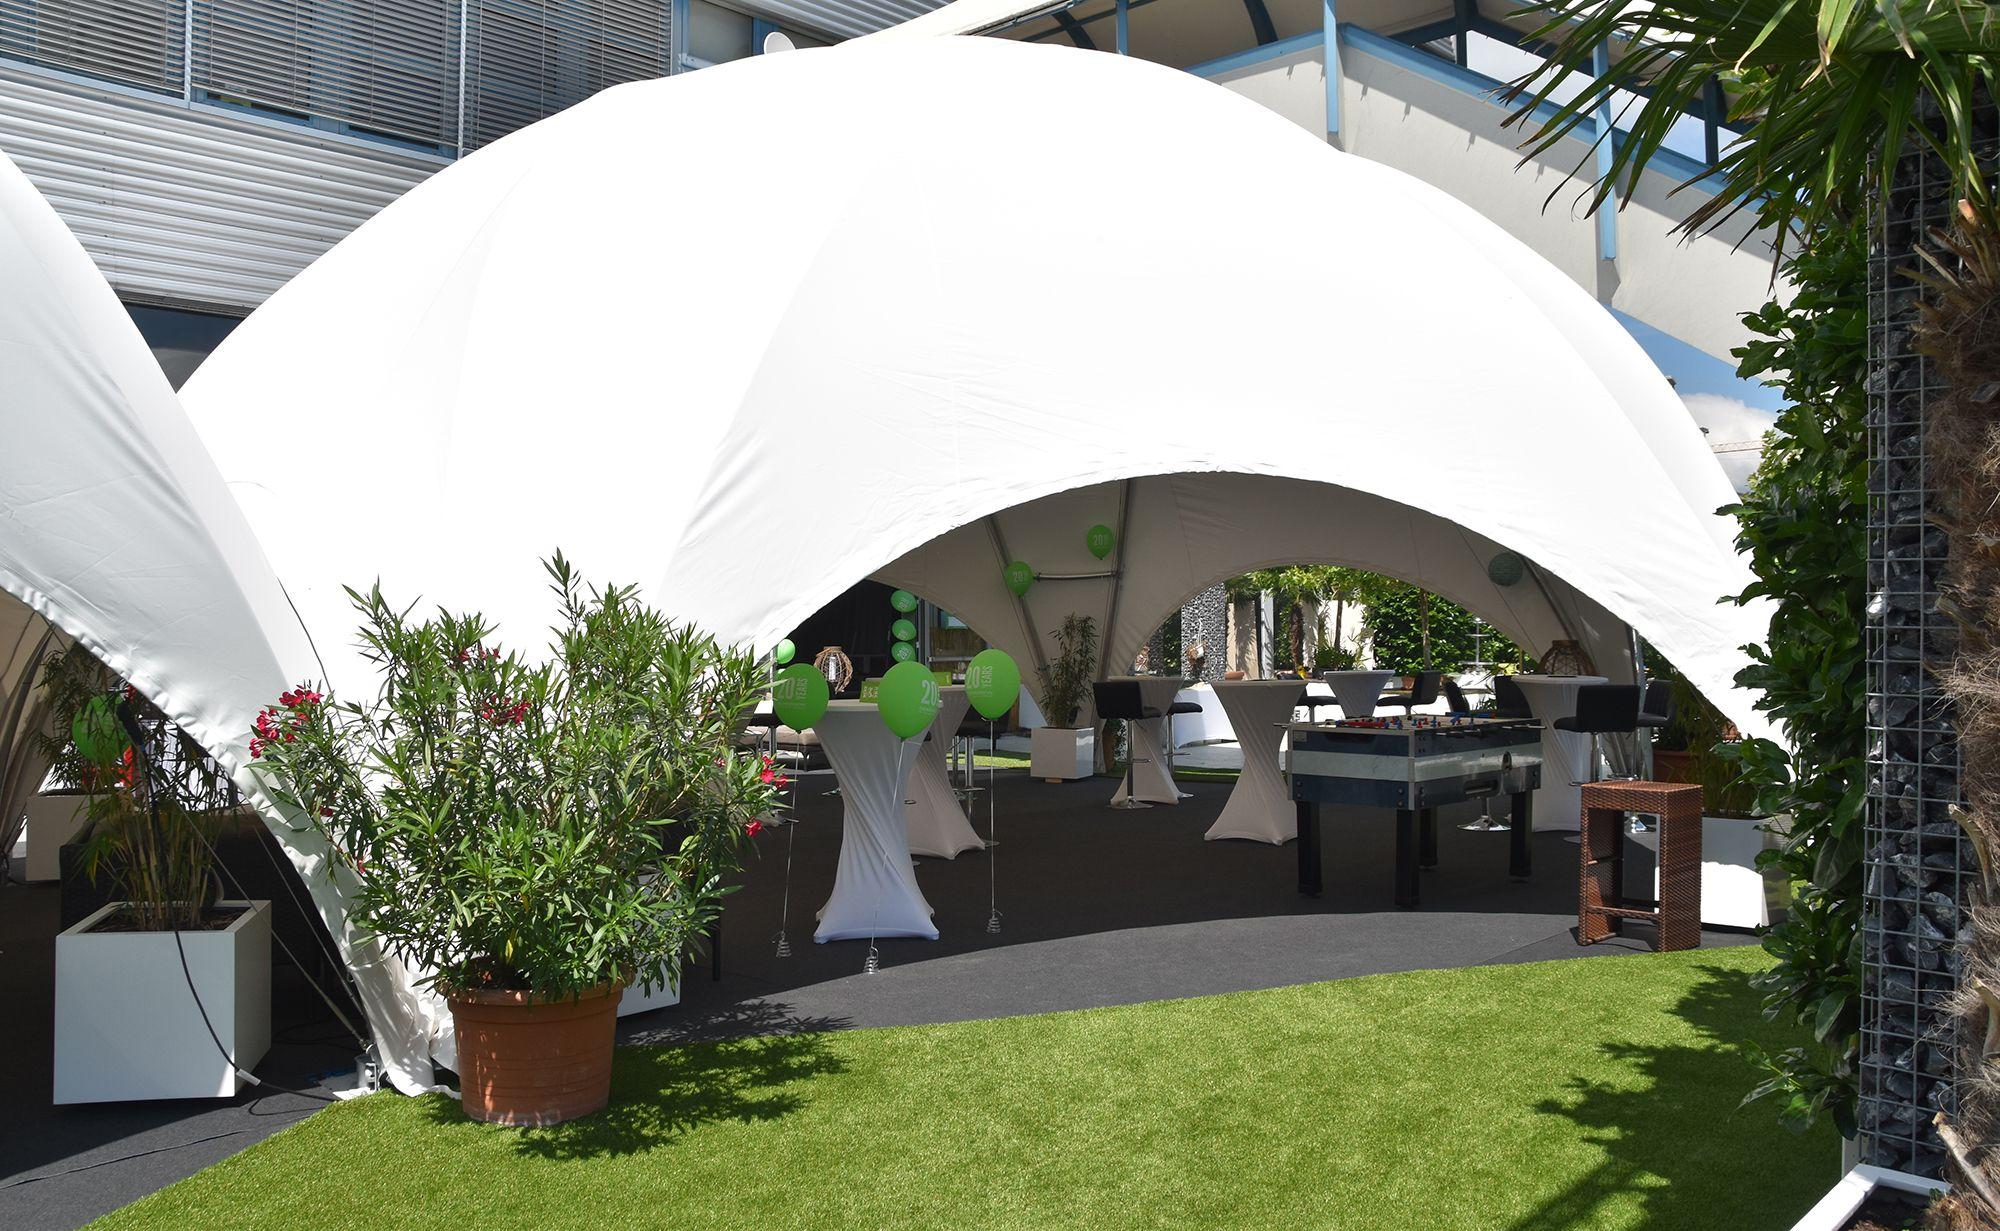 bild_background_outdoor_garten_eventgarten_outdoorbereich_13_starlite_eventhall_eventlocation_eventlokal_event_hall_location_lokal_venue_rapperswil_jona_zuerichsee